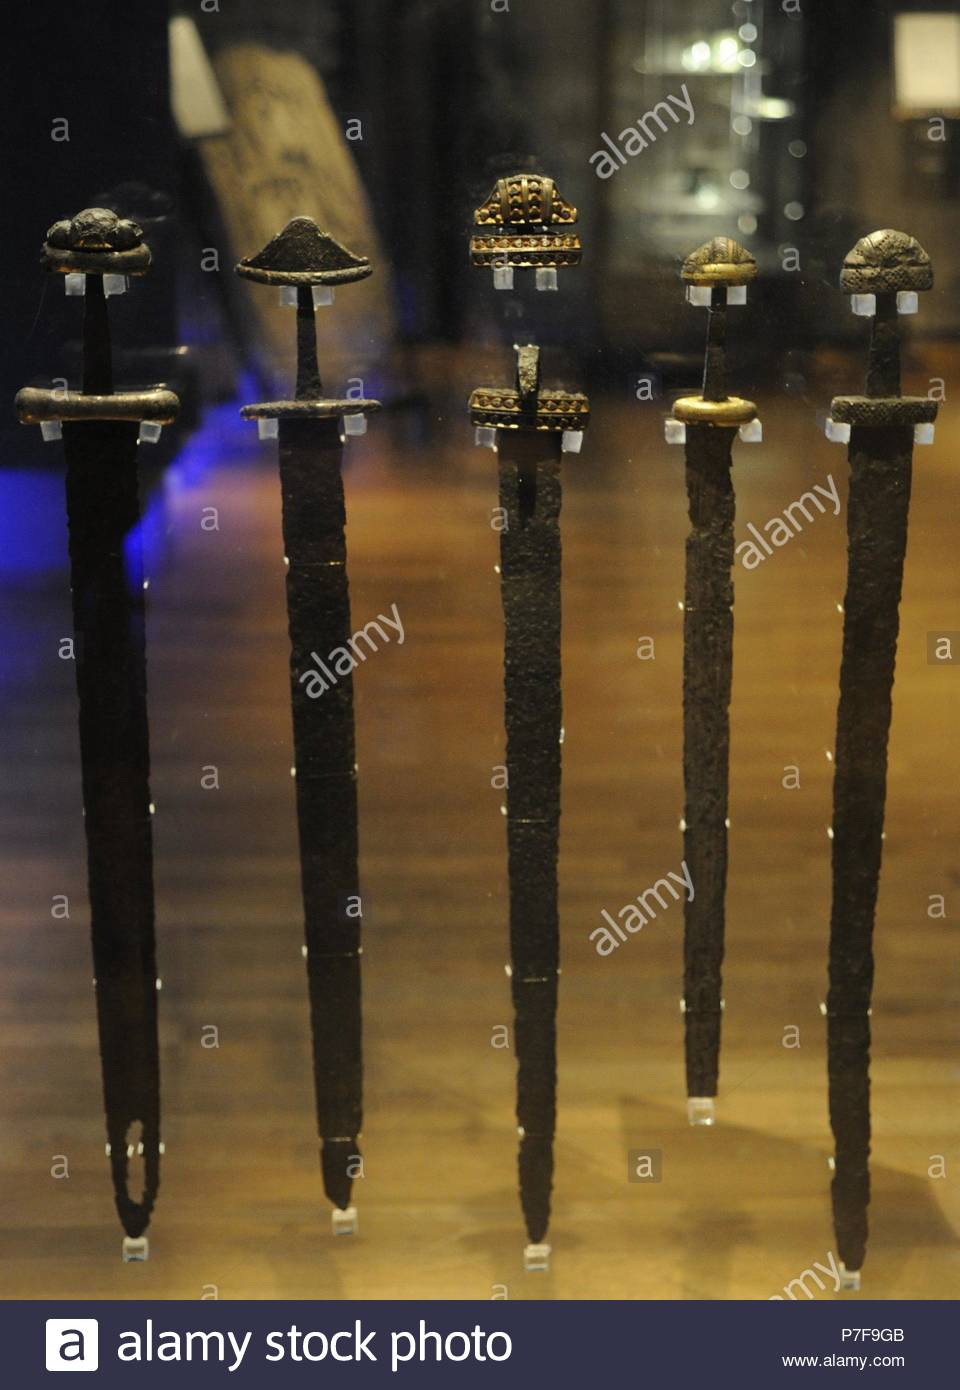 Epoca Vikinga. Espadas utilizadas en las guerras. Eran habituales entre los hombres de alto estatus social. Museo Histórico. Estocolmo. Suecia. - Stock Image